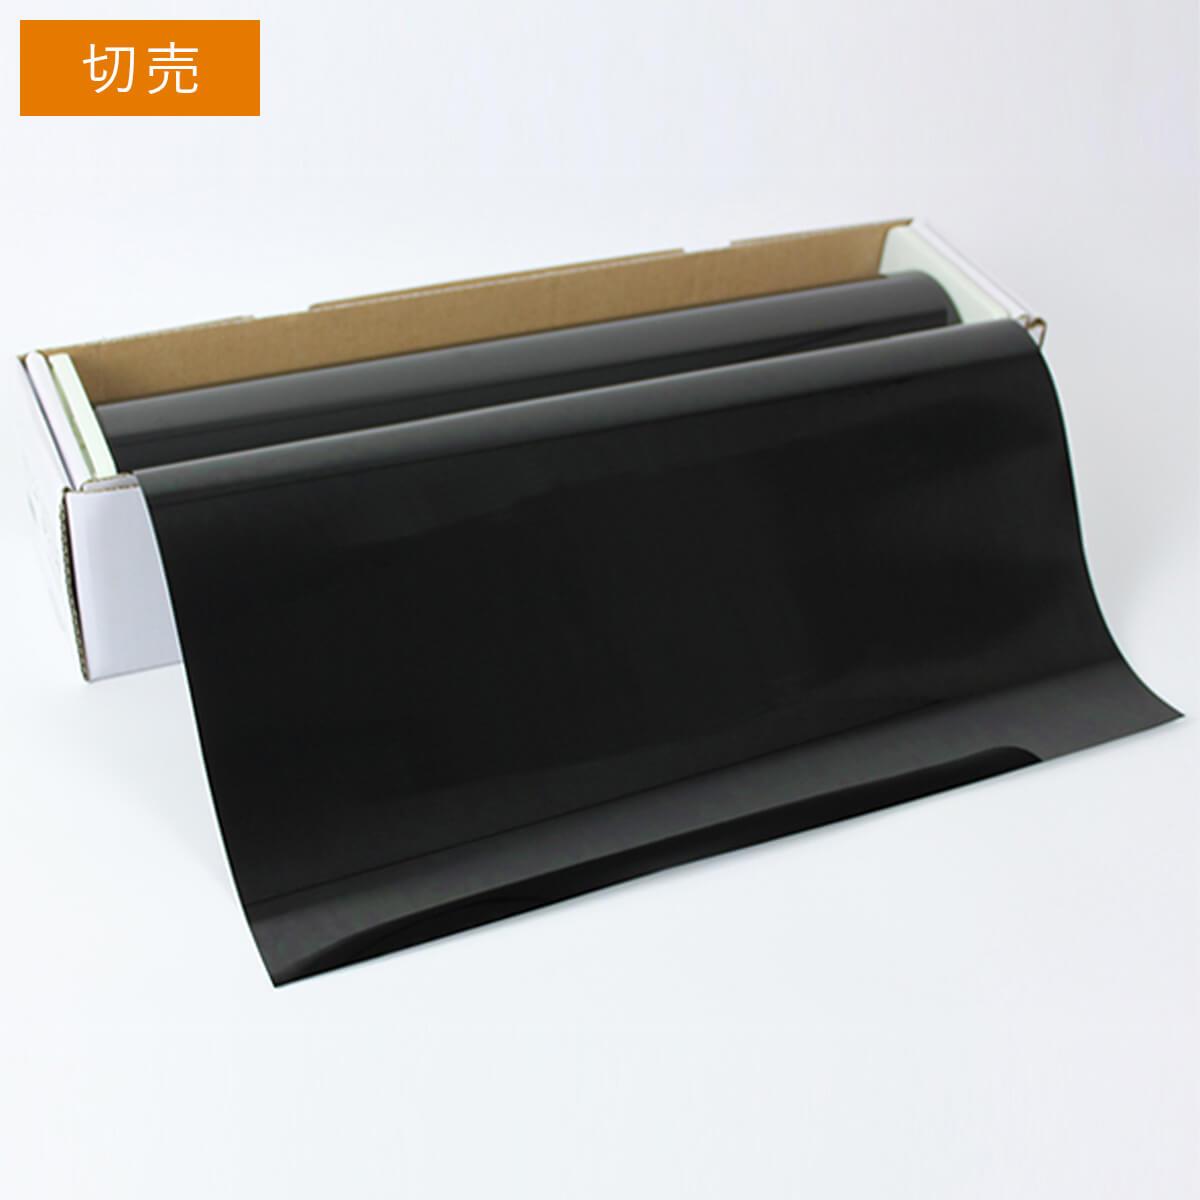 カーフィルム 窓ガラスフィルム ブラックアウト 1.5m幅×1m単位切売 完全不透明フィルム プライバシーフィルム 遮熱フィルム 断熱フィルム UVカットフィルム ブレインテック Braintec